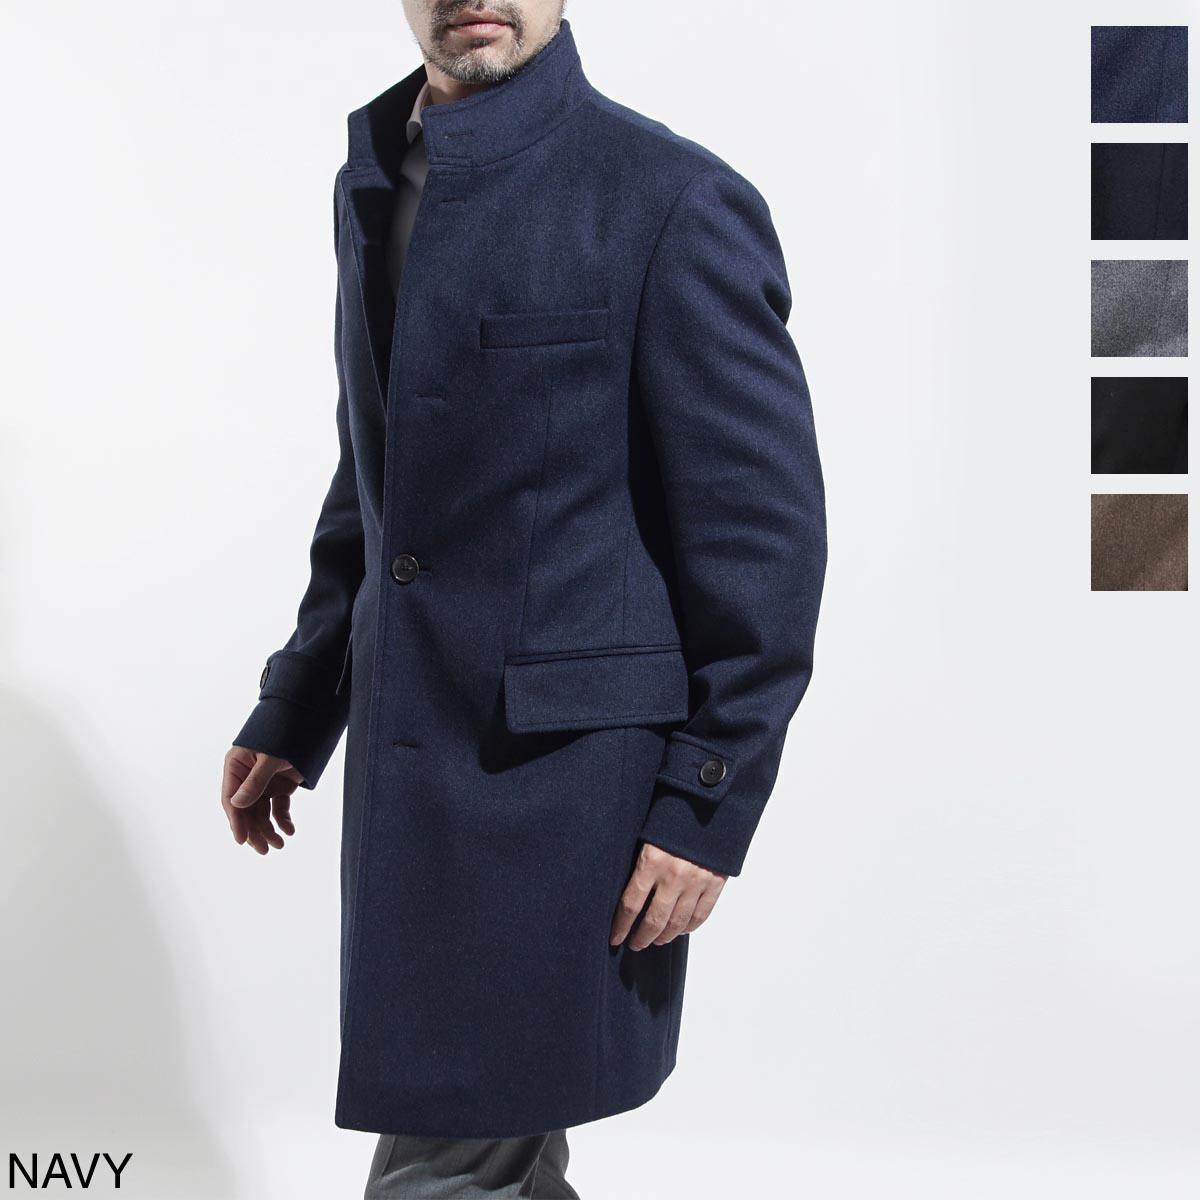 ボスヒューゴボス BOSS HUGOBOSS ステンカラ― コート メンズ コート アウター 防寒着 sintrax 50394076 473 BLACK SINTRAX ブラック【ラッピング無料】【返品送料無料】【180928】【あす楽対応_関東】